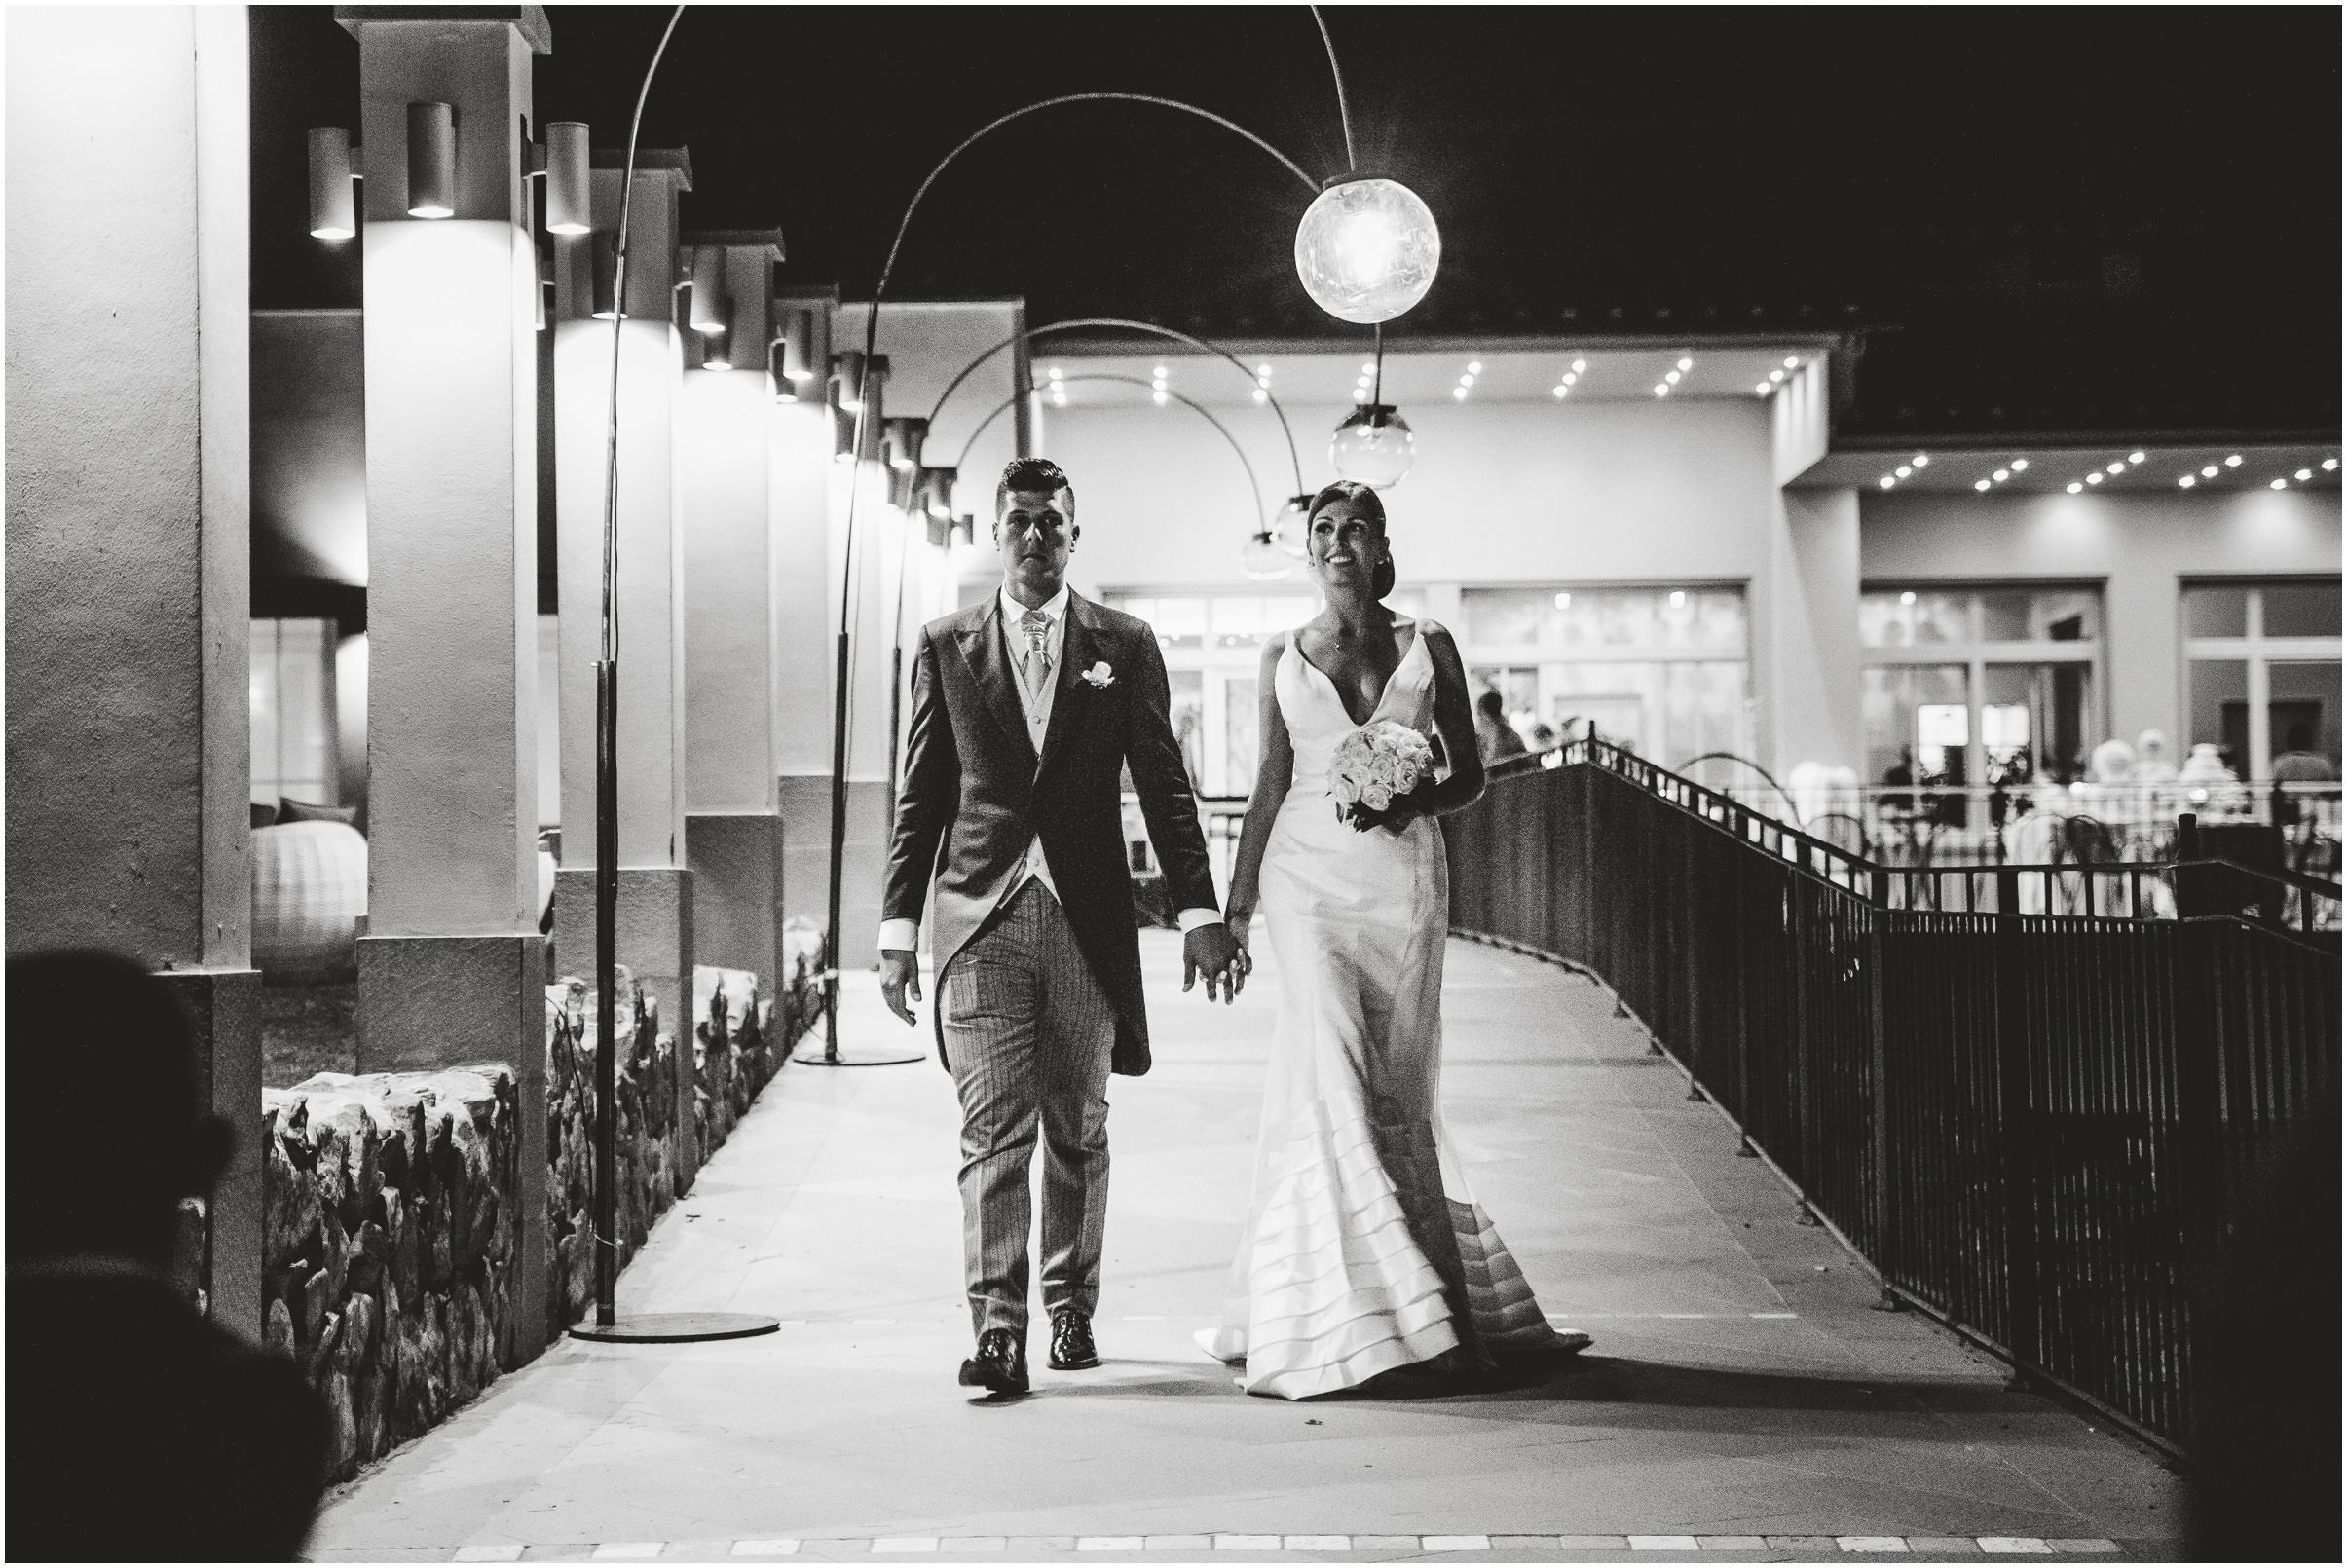 WEDDING-PHOTOGRAPHY-SARA-LORENZONI-FOTOGRAFIA-MATRIMONIO-AREZZO-TUSCANY-EVENTO-LE-SPOSE-DI-GIANNI-ELISA-LUCA064